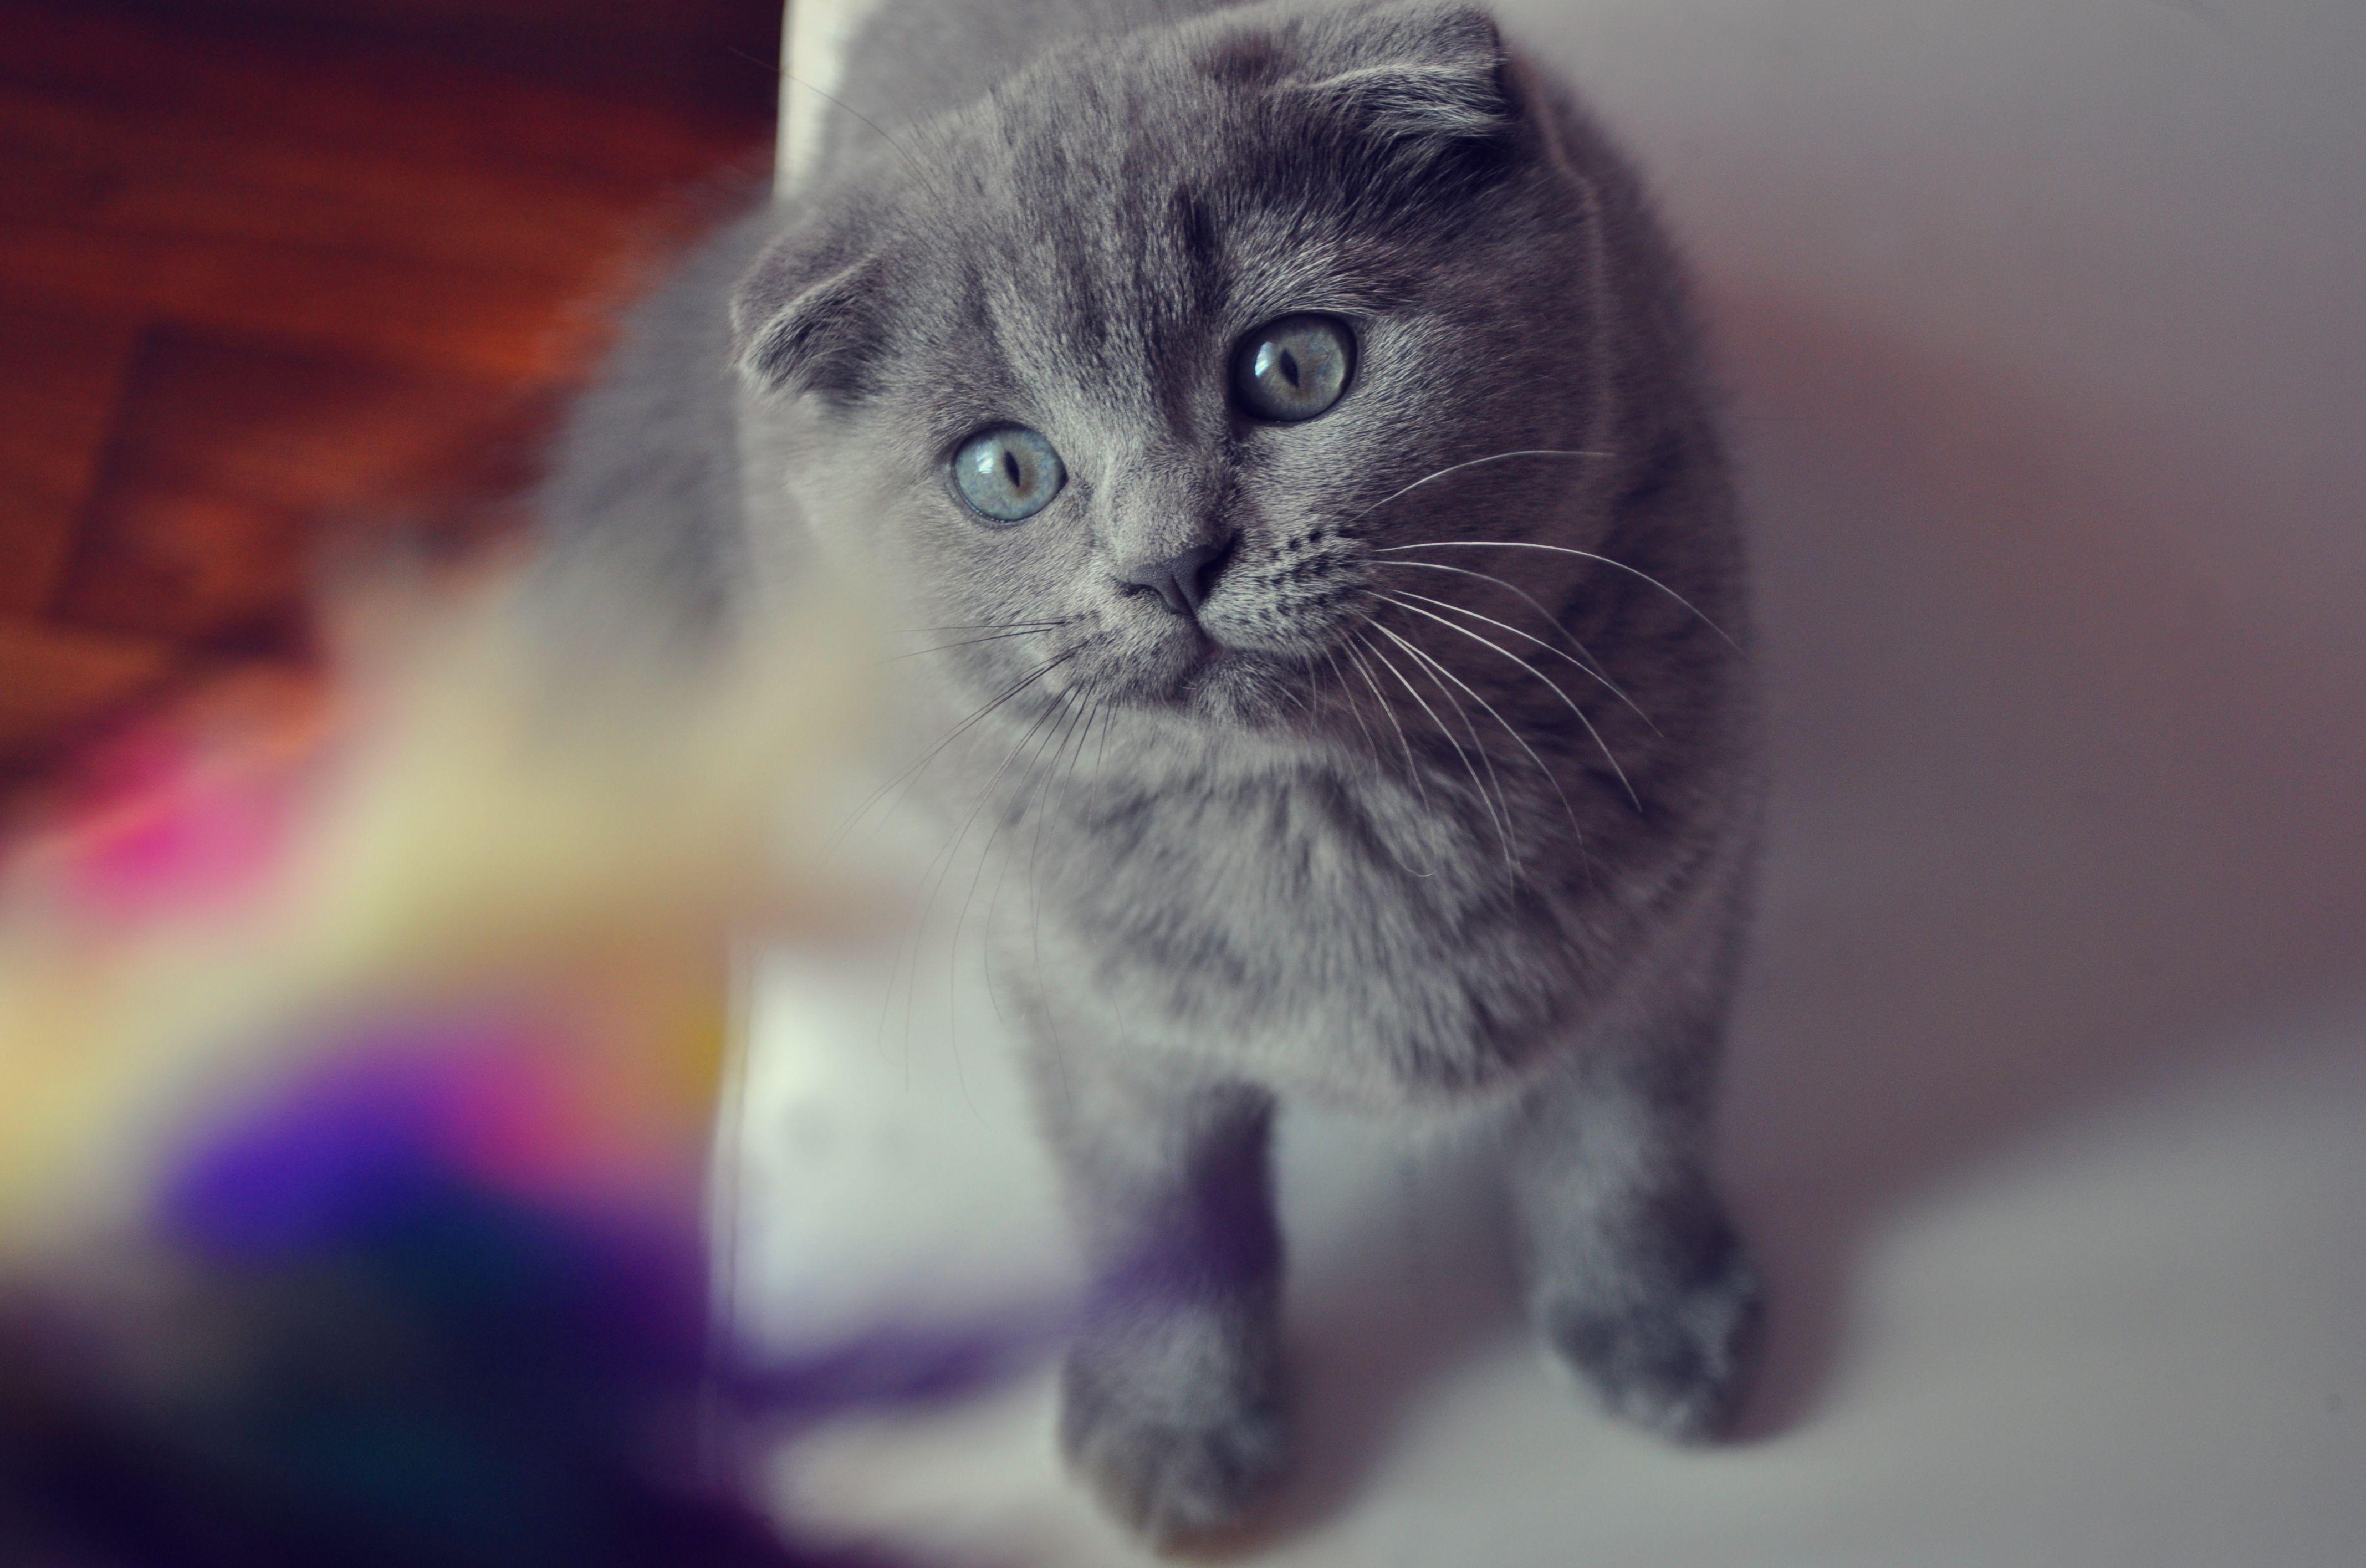 137146 завантажити шпалери Кішки, Тварини, Кіт, Кішка, Морда, Погляд, Заява, Висловухий, Британець - заставки і картинки безкоштовно